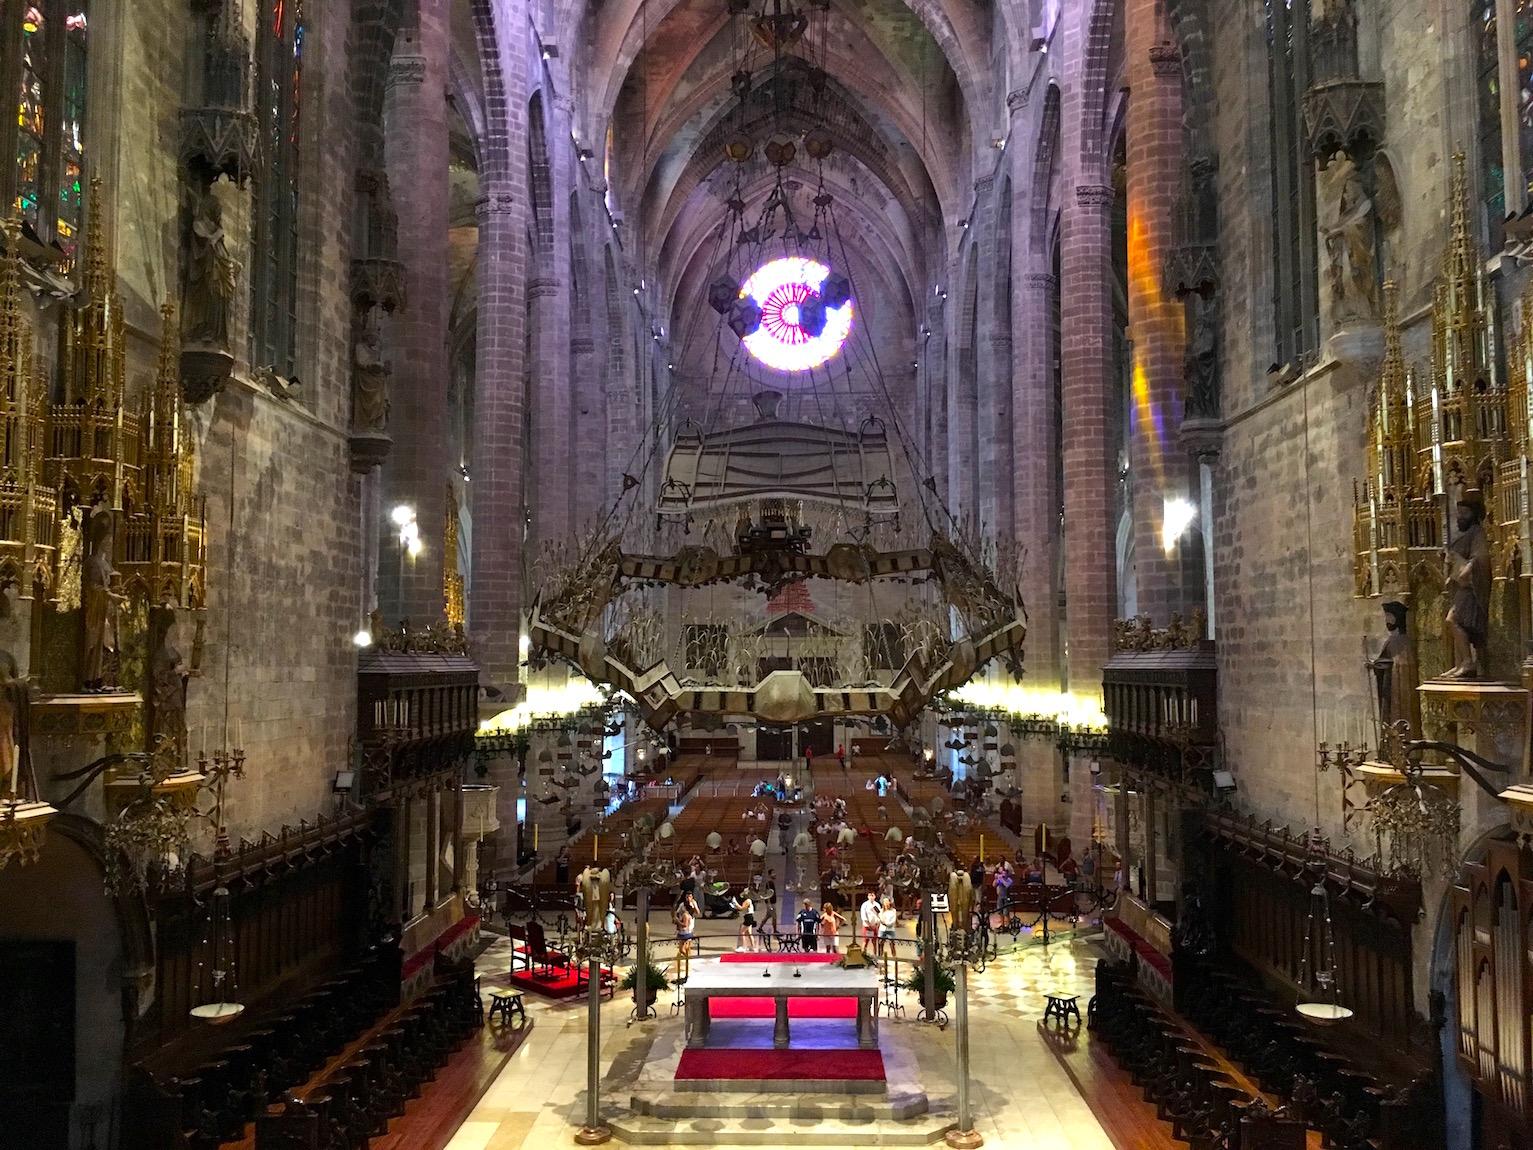 palma katedrali ici 1